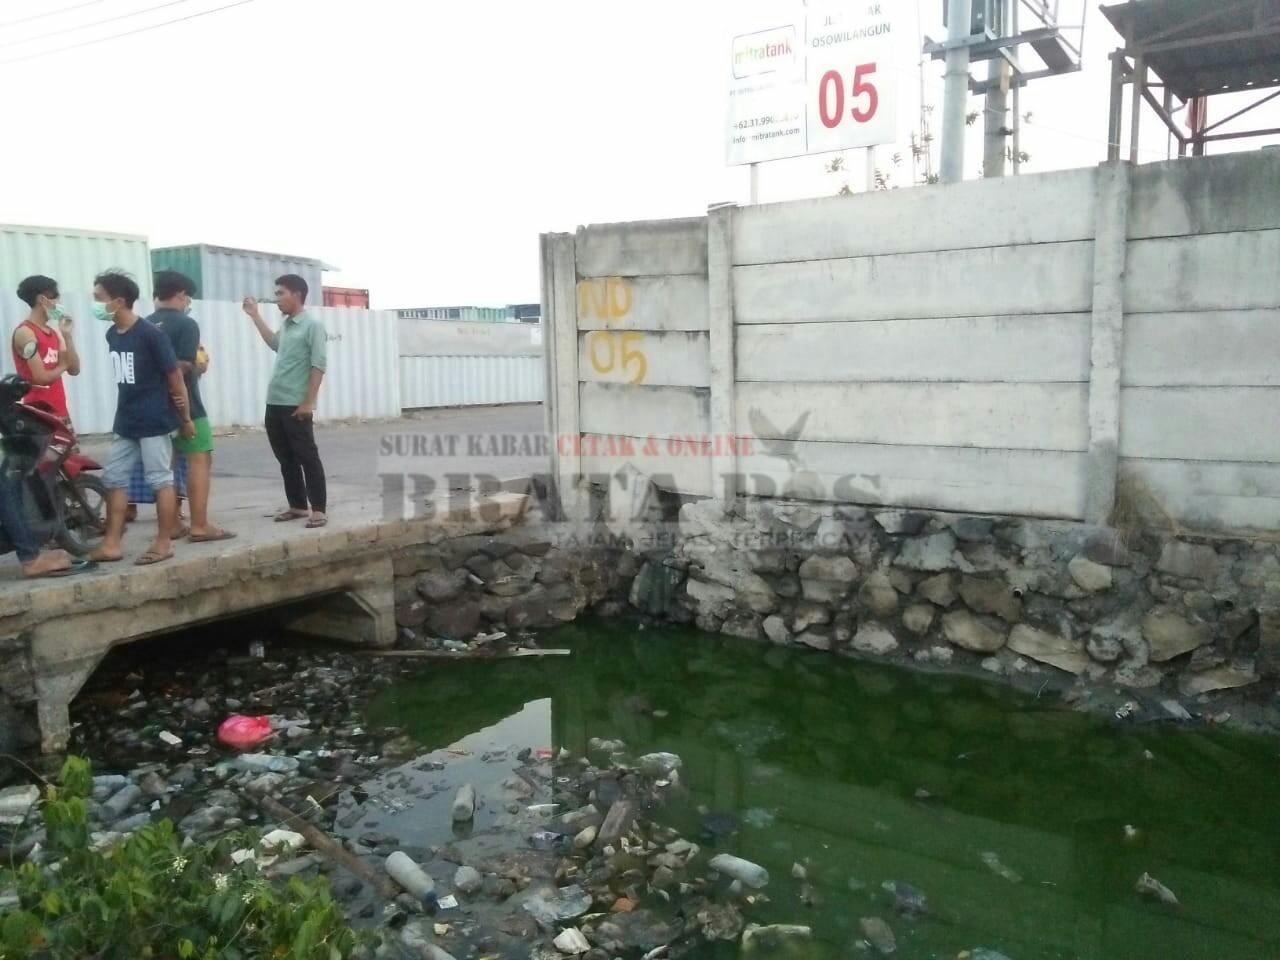 Keterangan foto : penyebab limbah air yang ada di saluran sampai berwarna hijau.